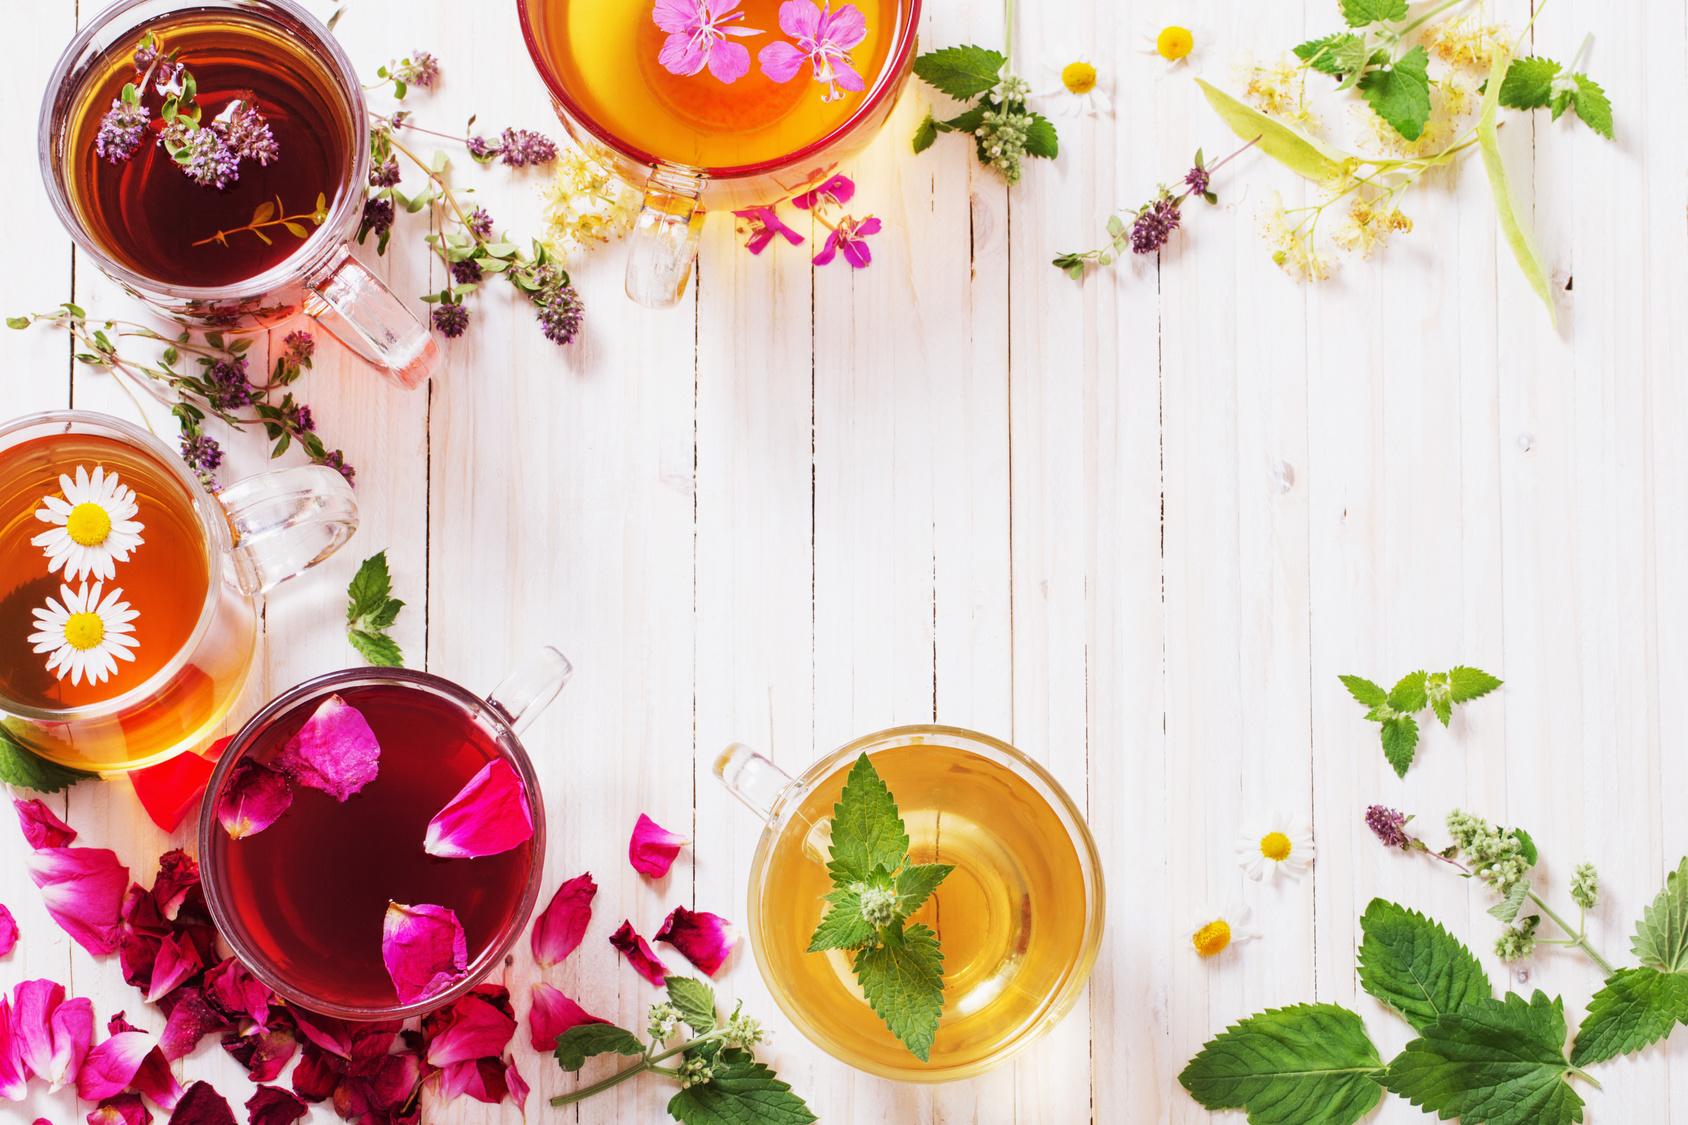 Tè, tisane, infusi